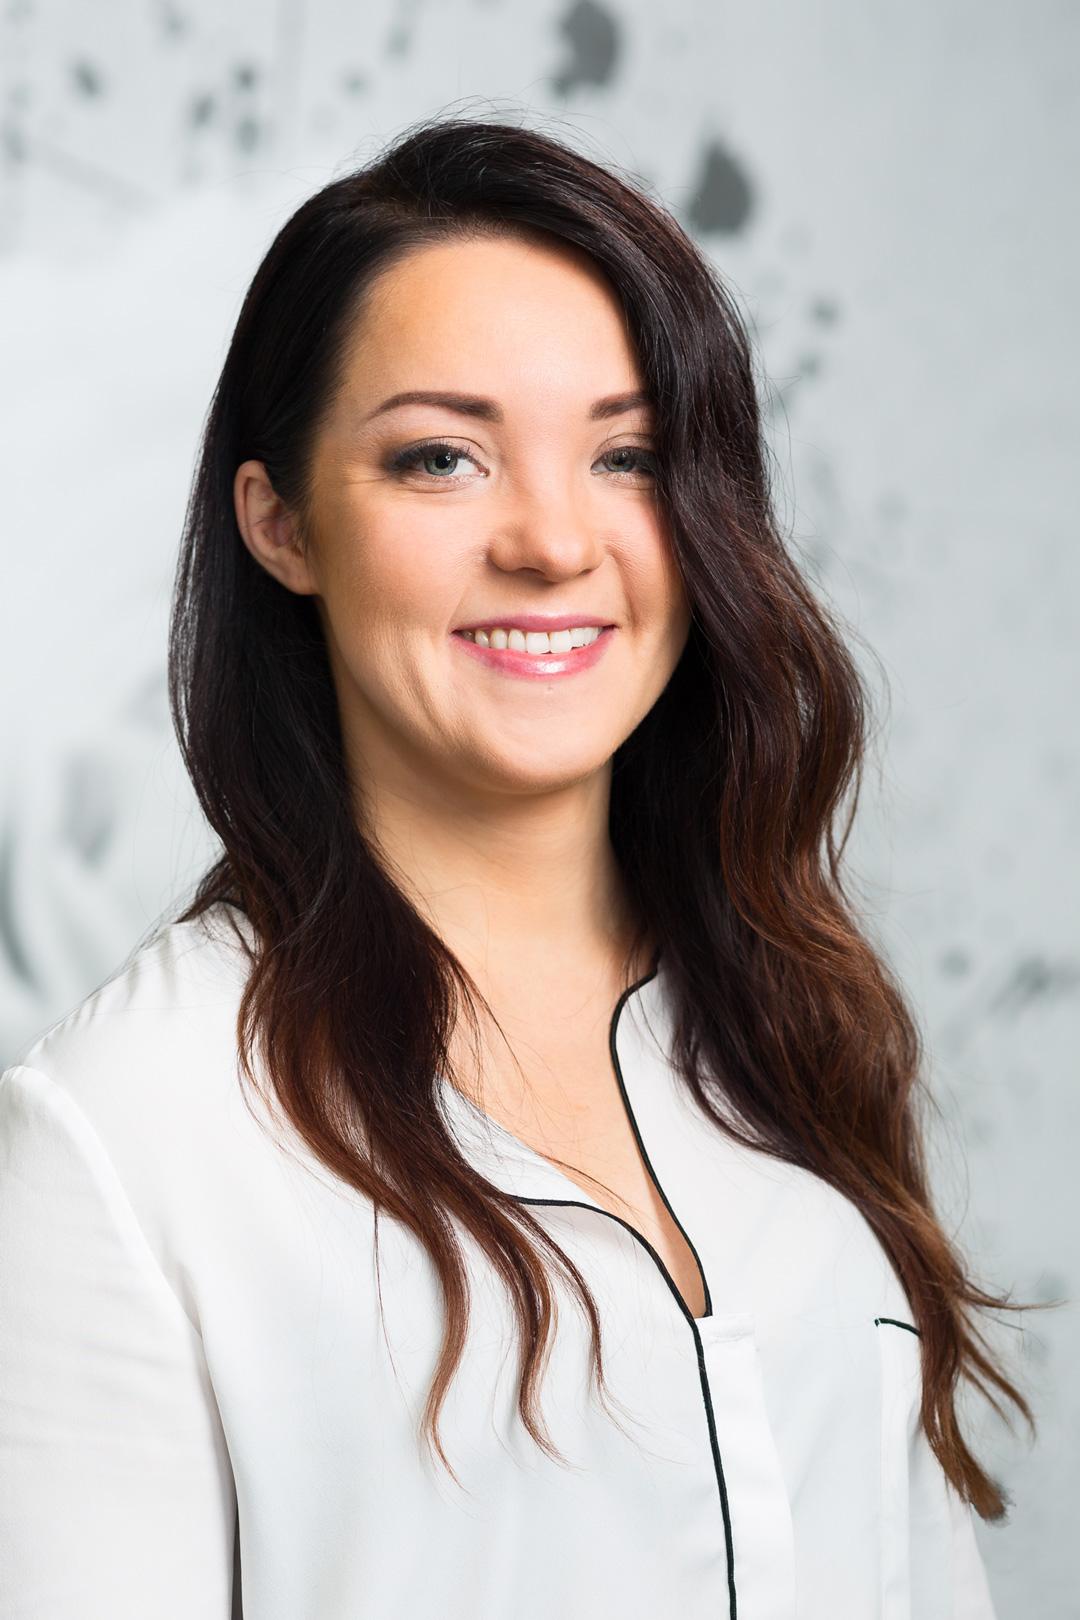 Kati Ryhänen